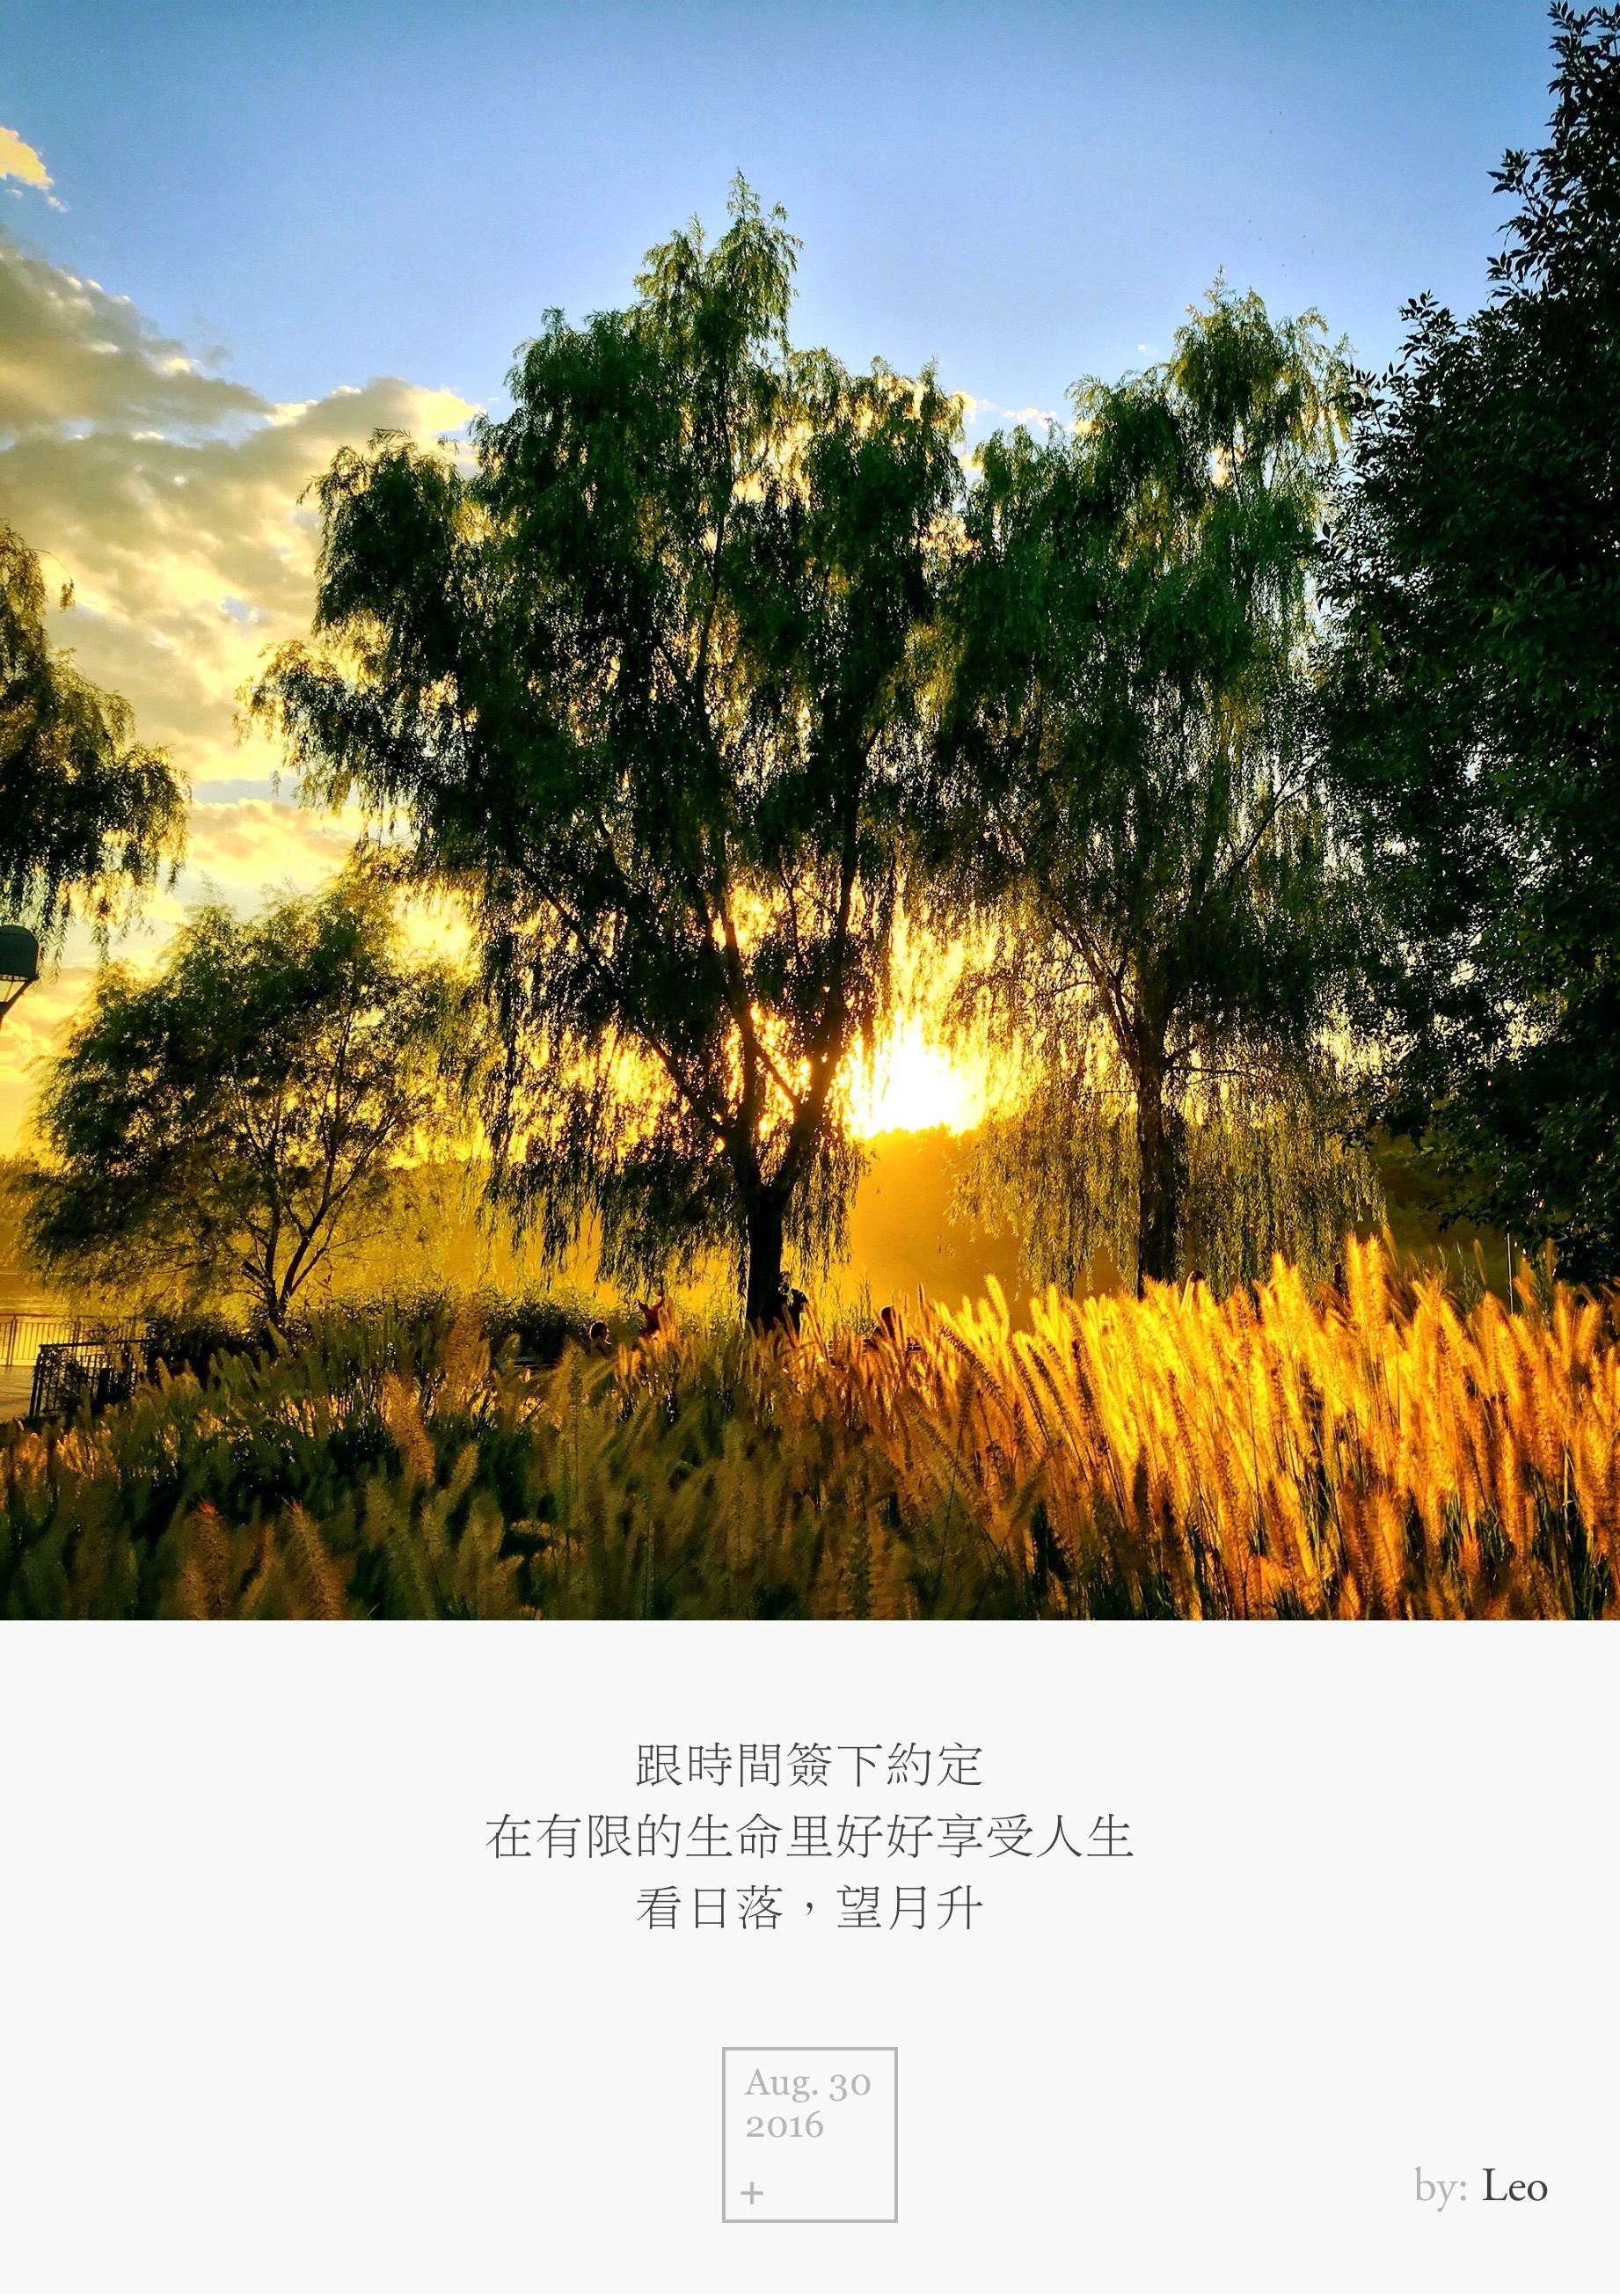 树影 夕阳